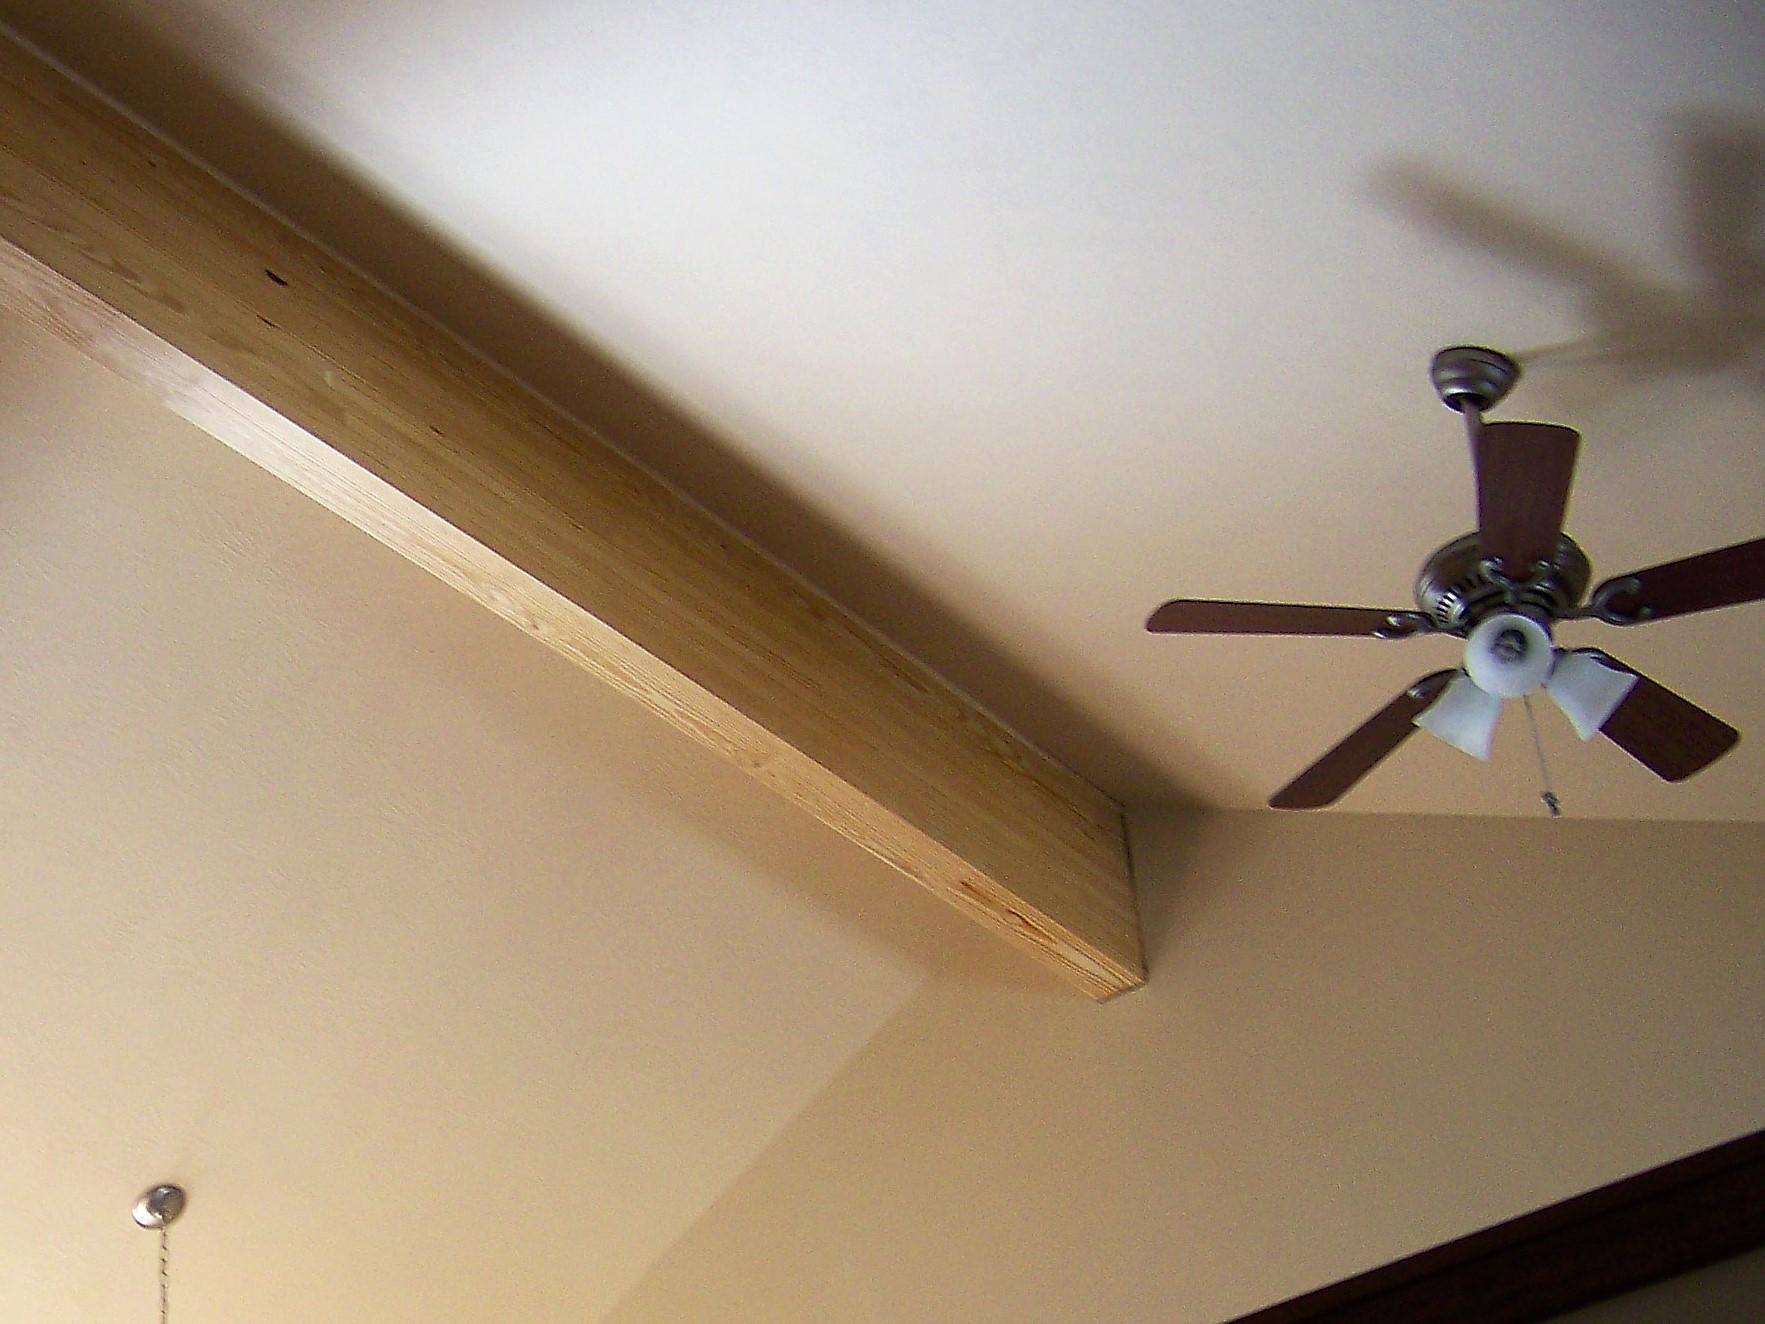 ceiling fixture.jpg